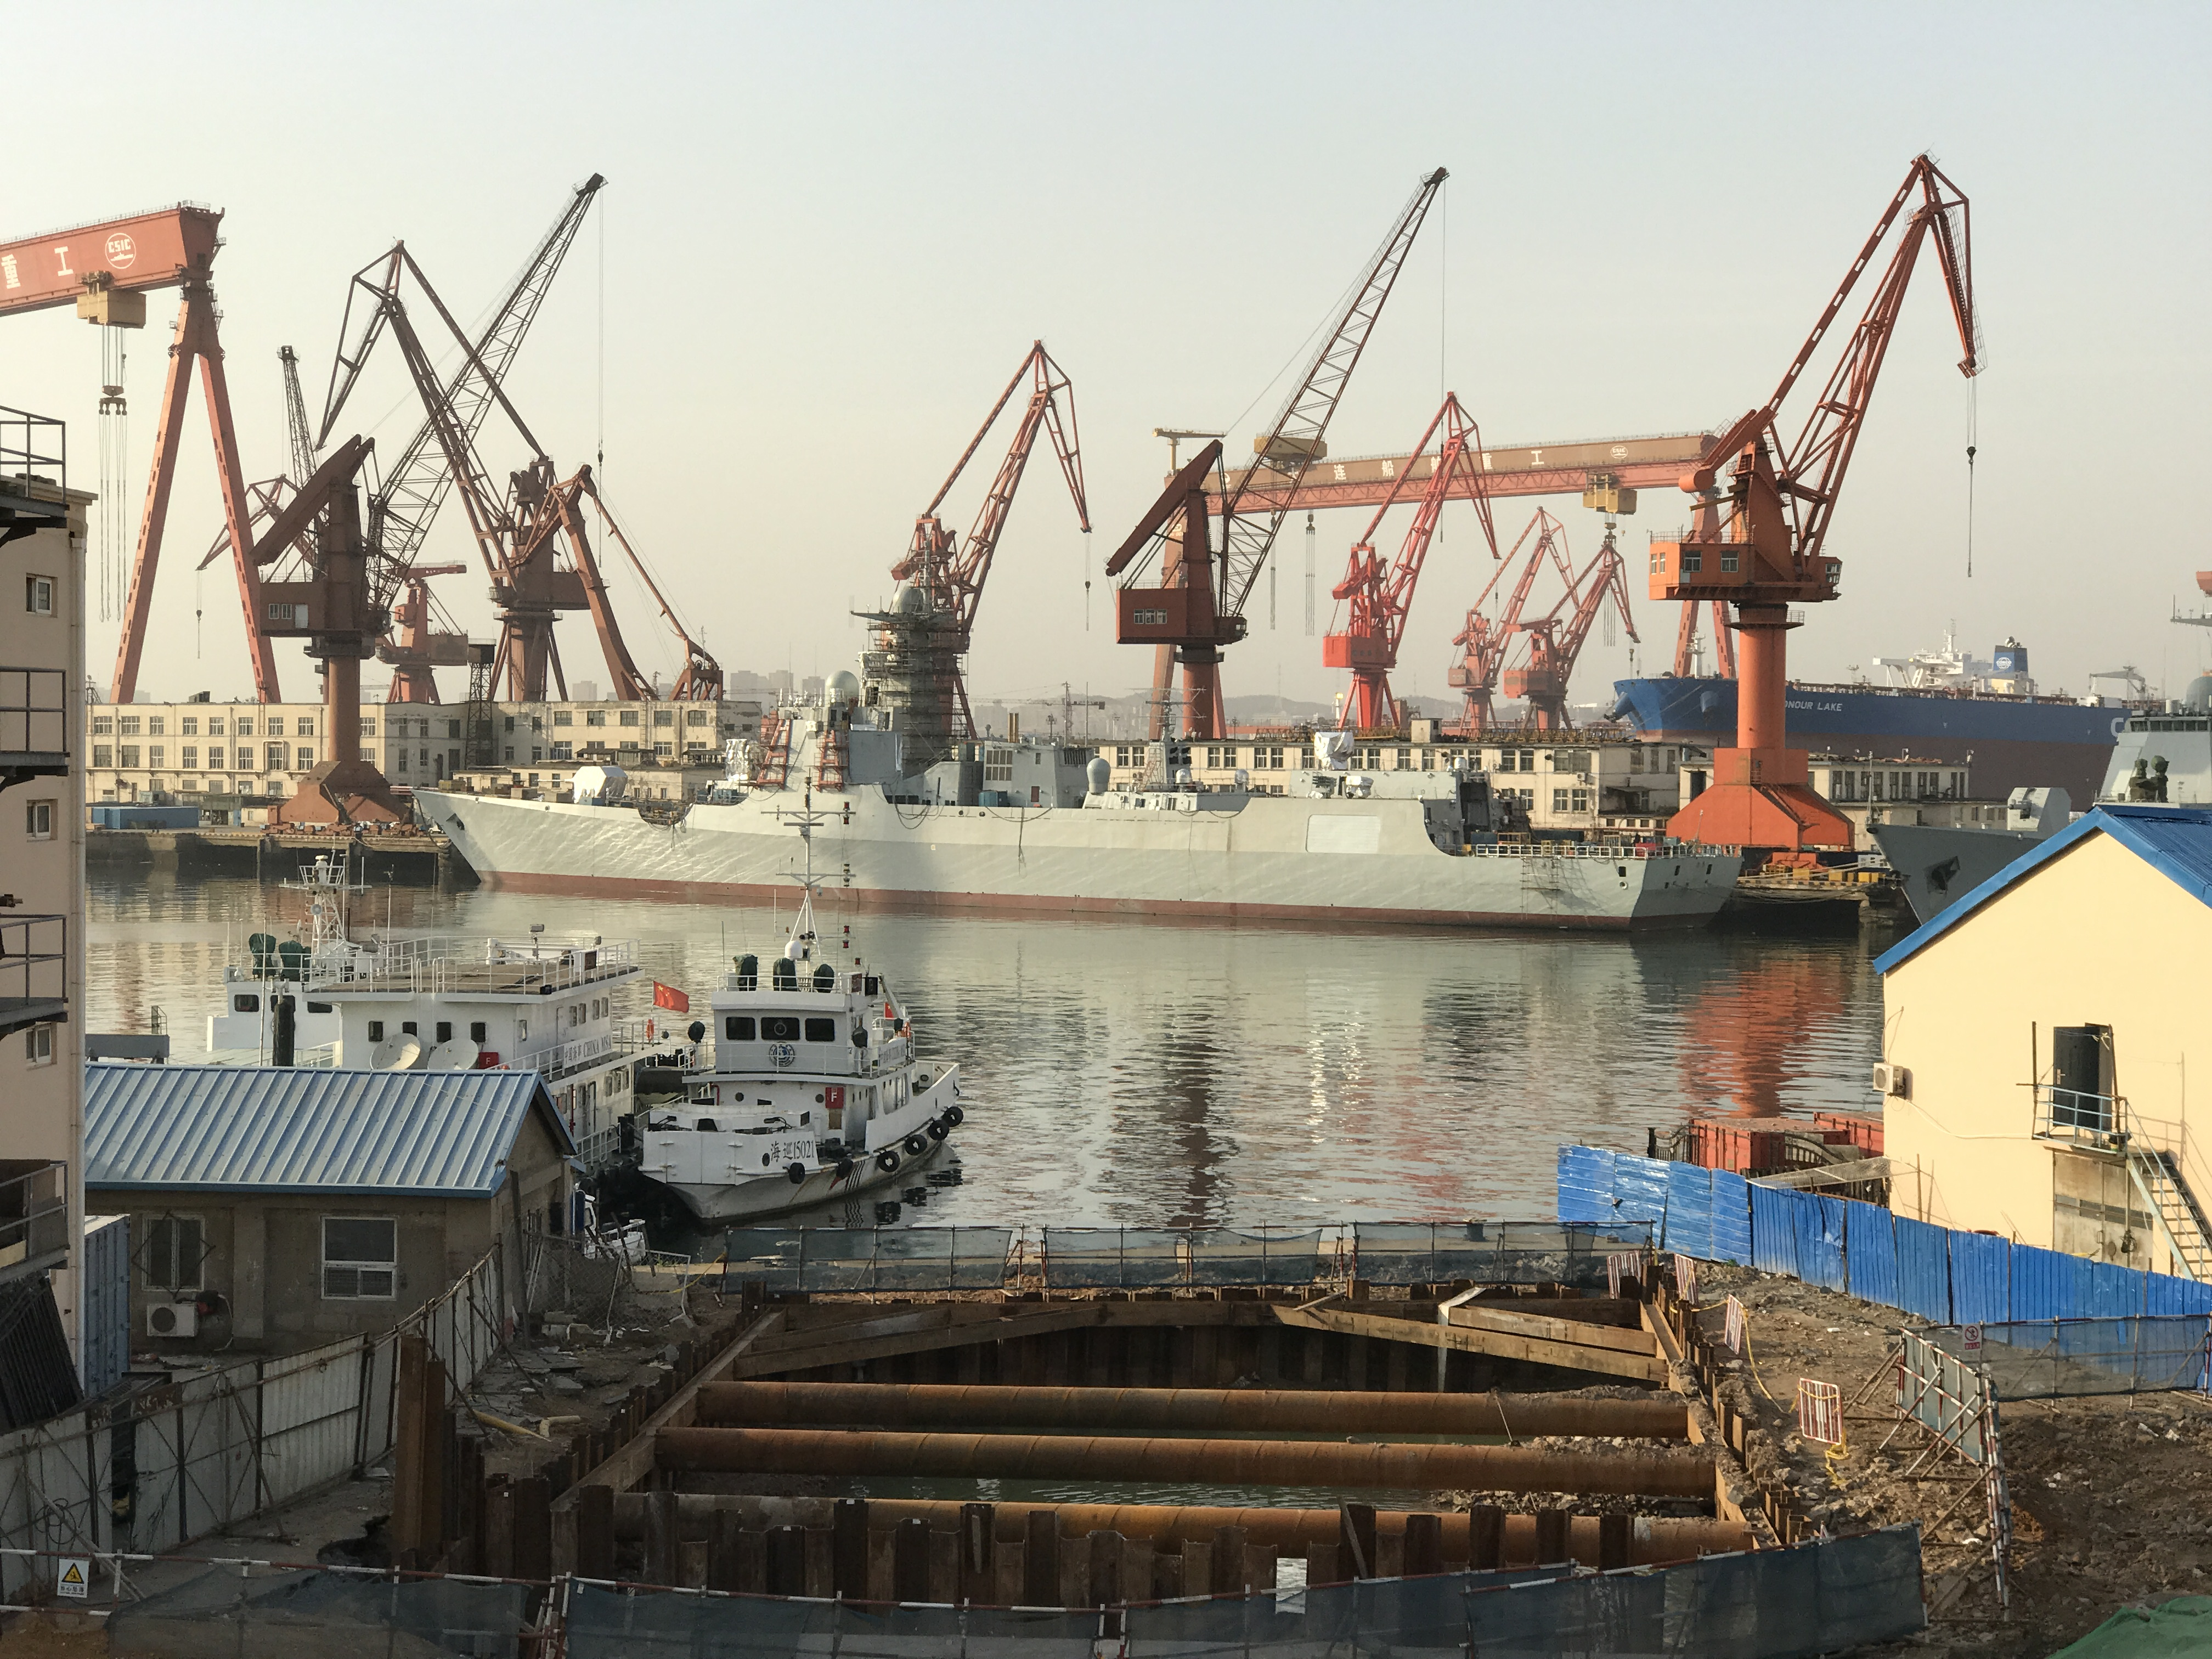 中国建造军舰速度不可思议 美国需要一个更强大的对手 - 点击图片进入下一页